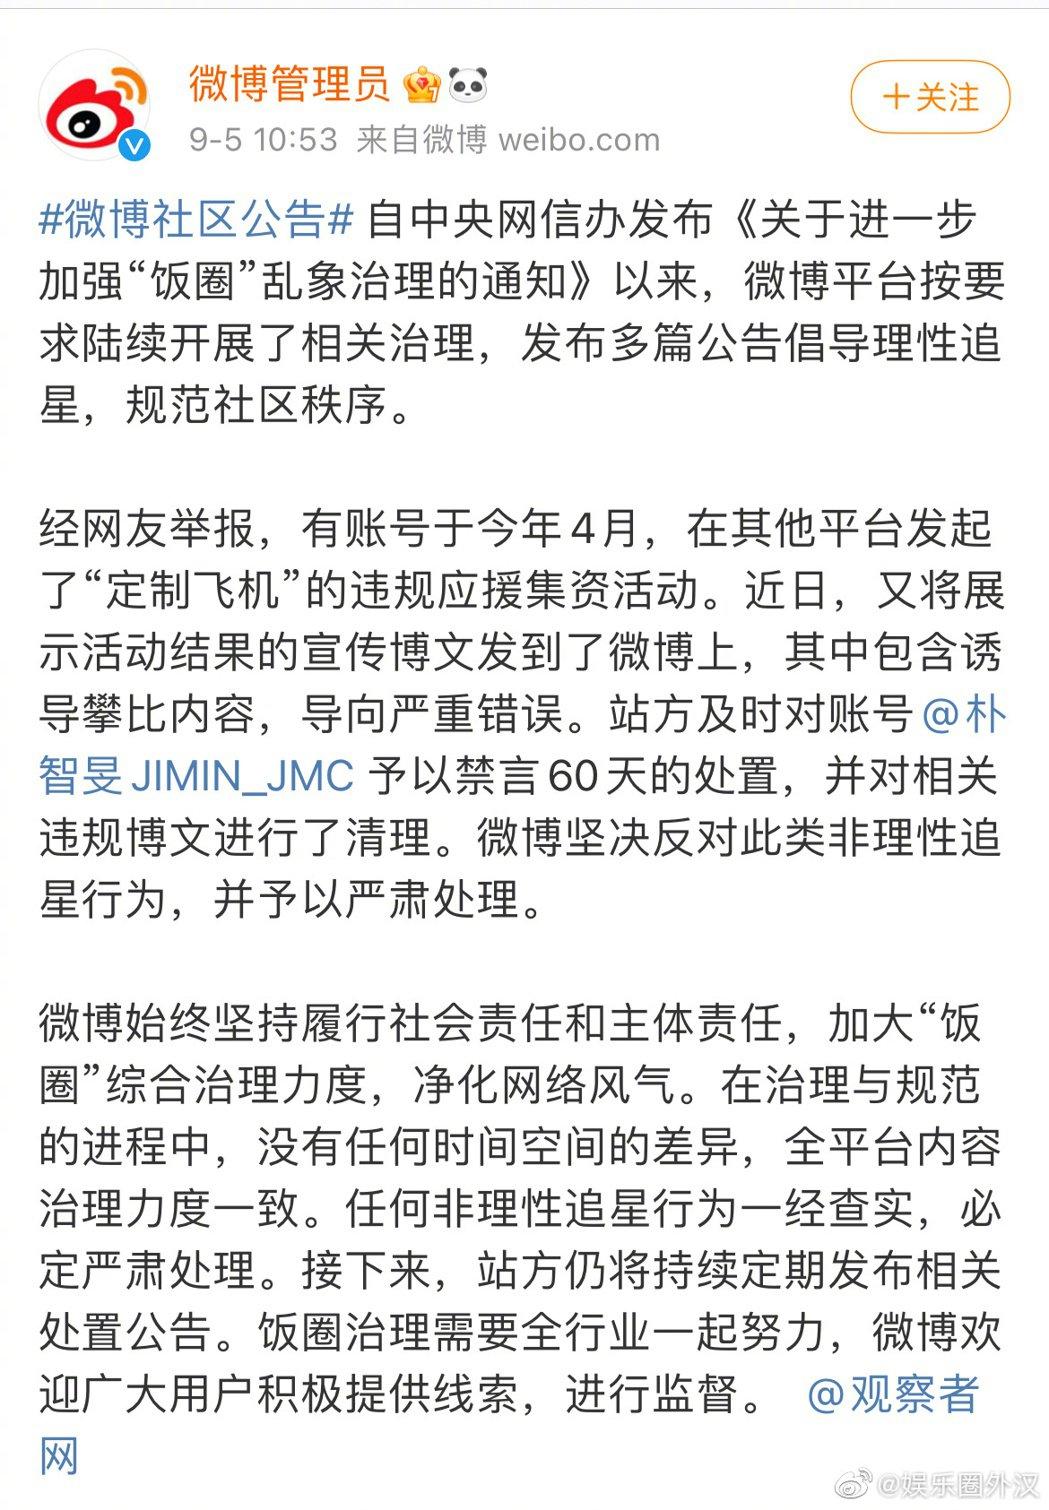 微博官方管理宣告朴智旻貼吧的微博帳號禁言60天。 圖/擷自微博